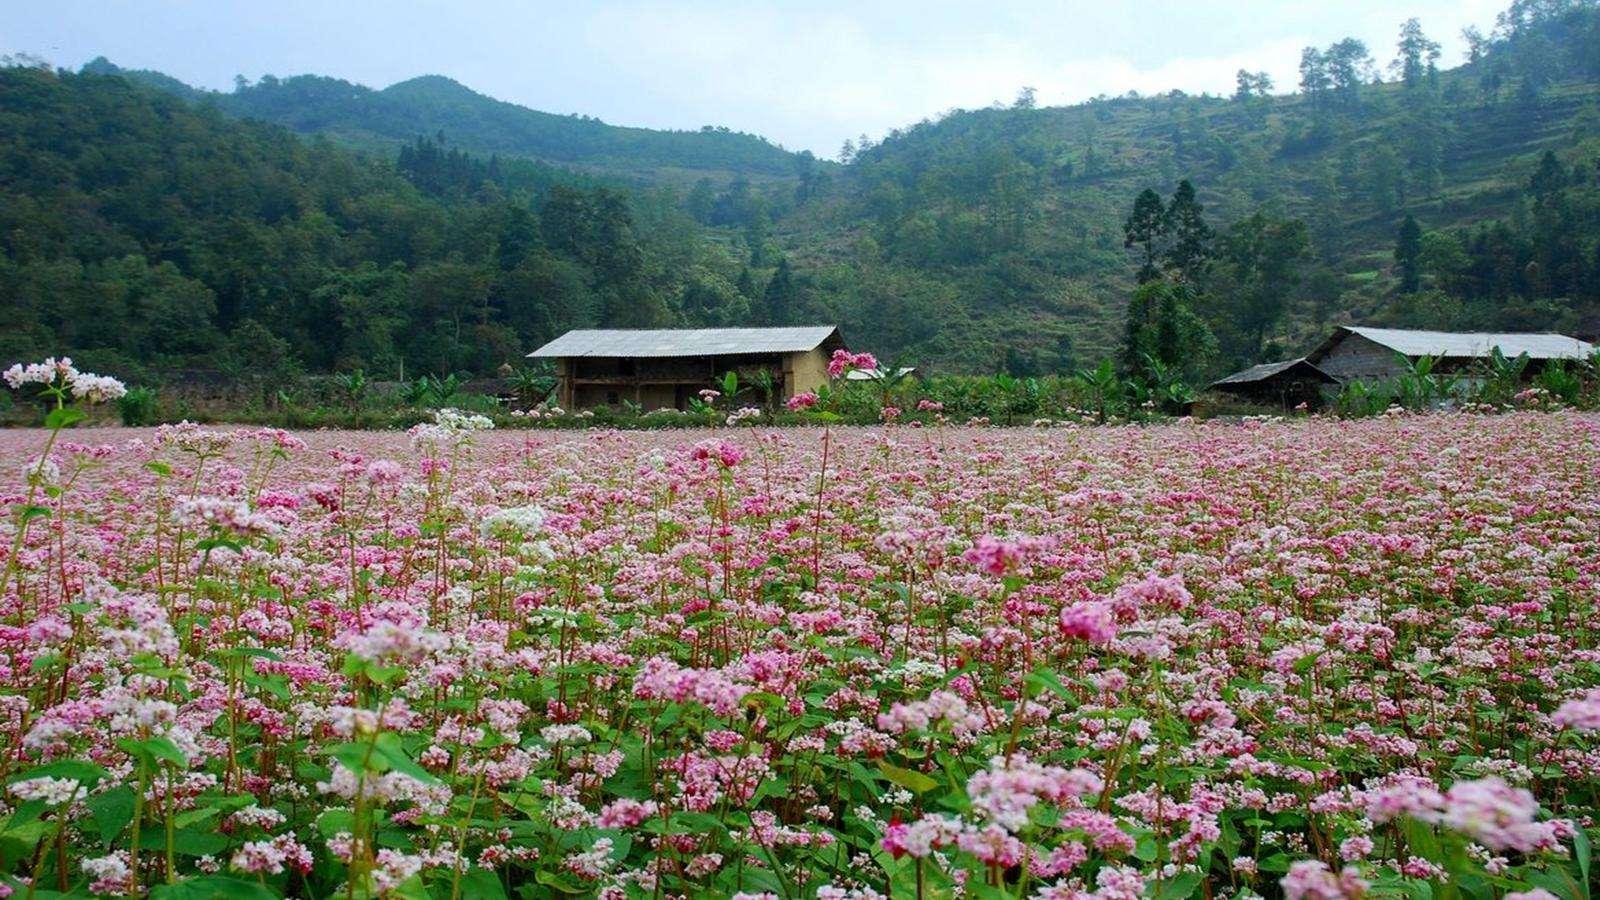 Cánh đồng hoa ở Hà Giang luôn bao phủ sắc tím lay động lòng người